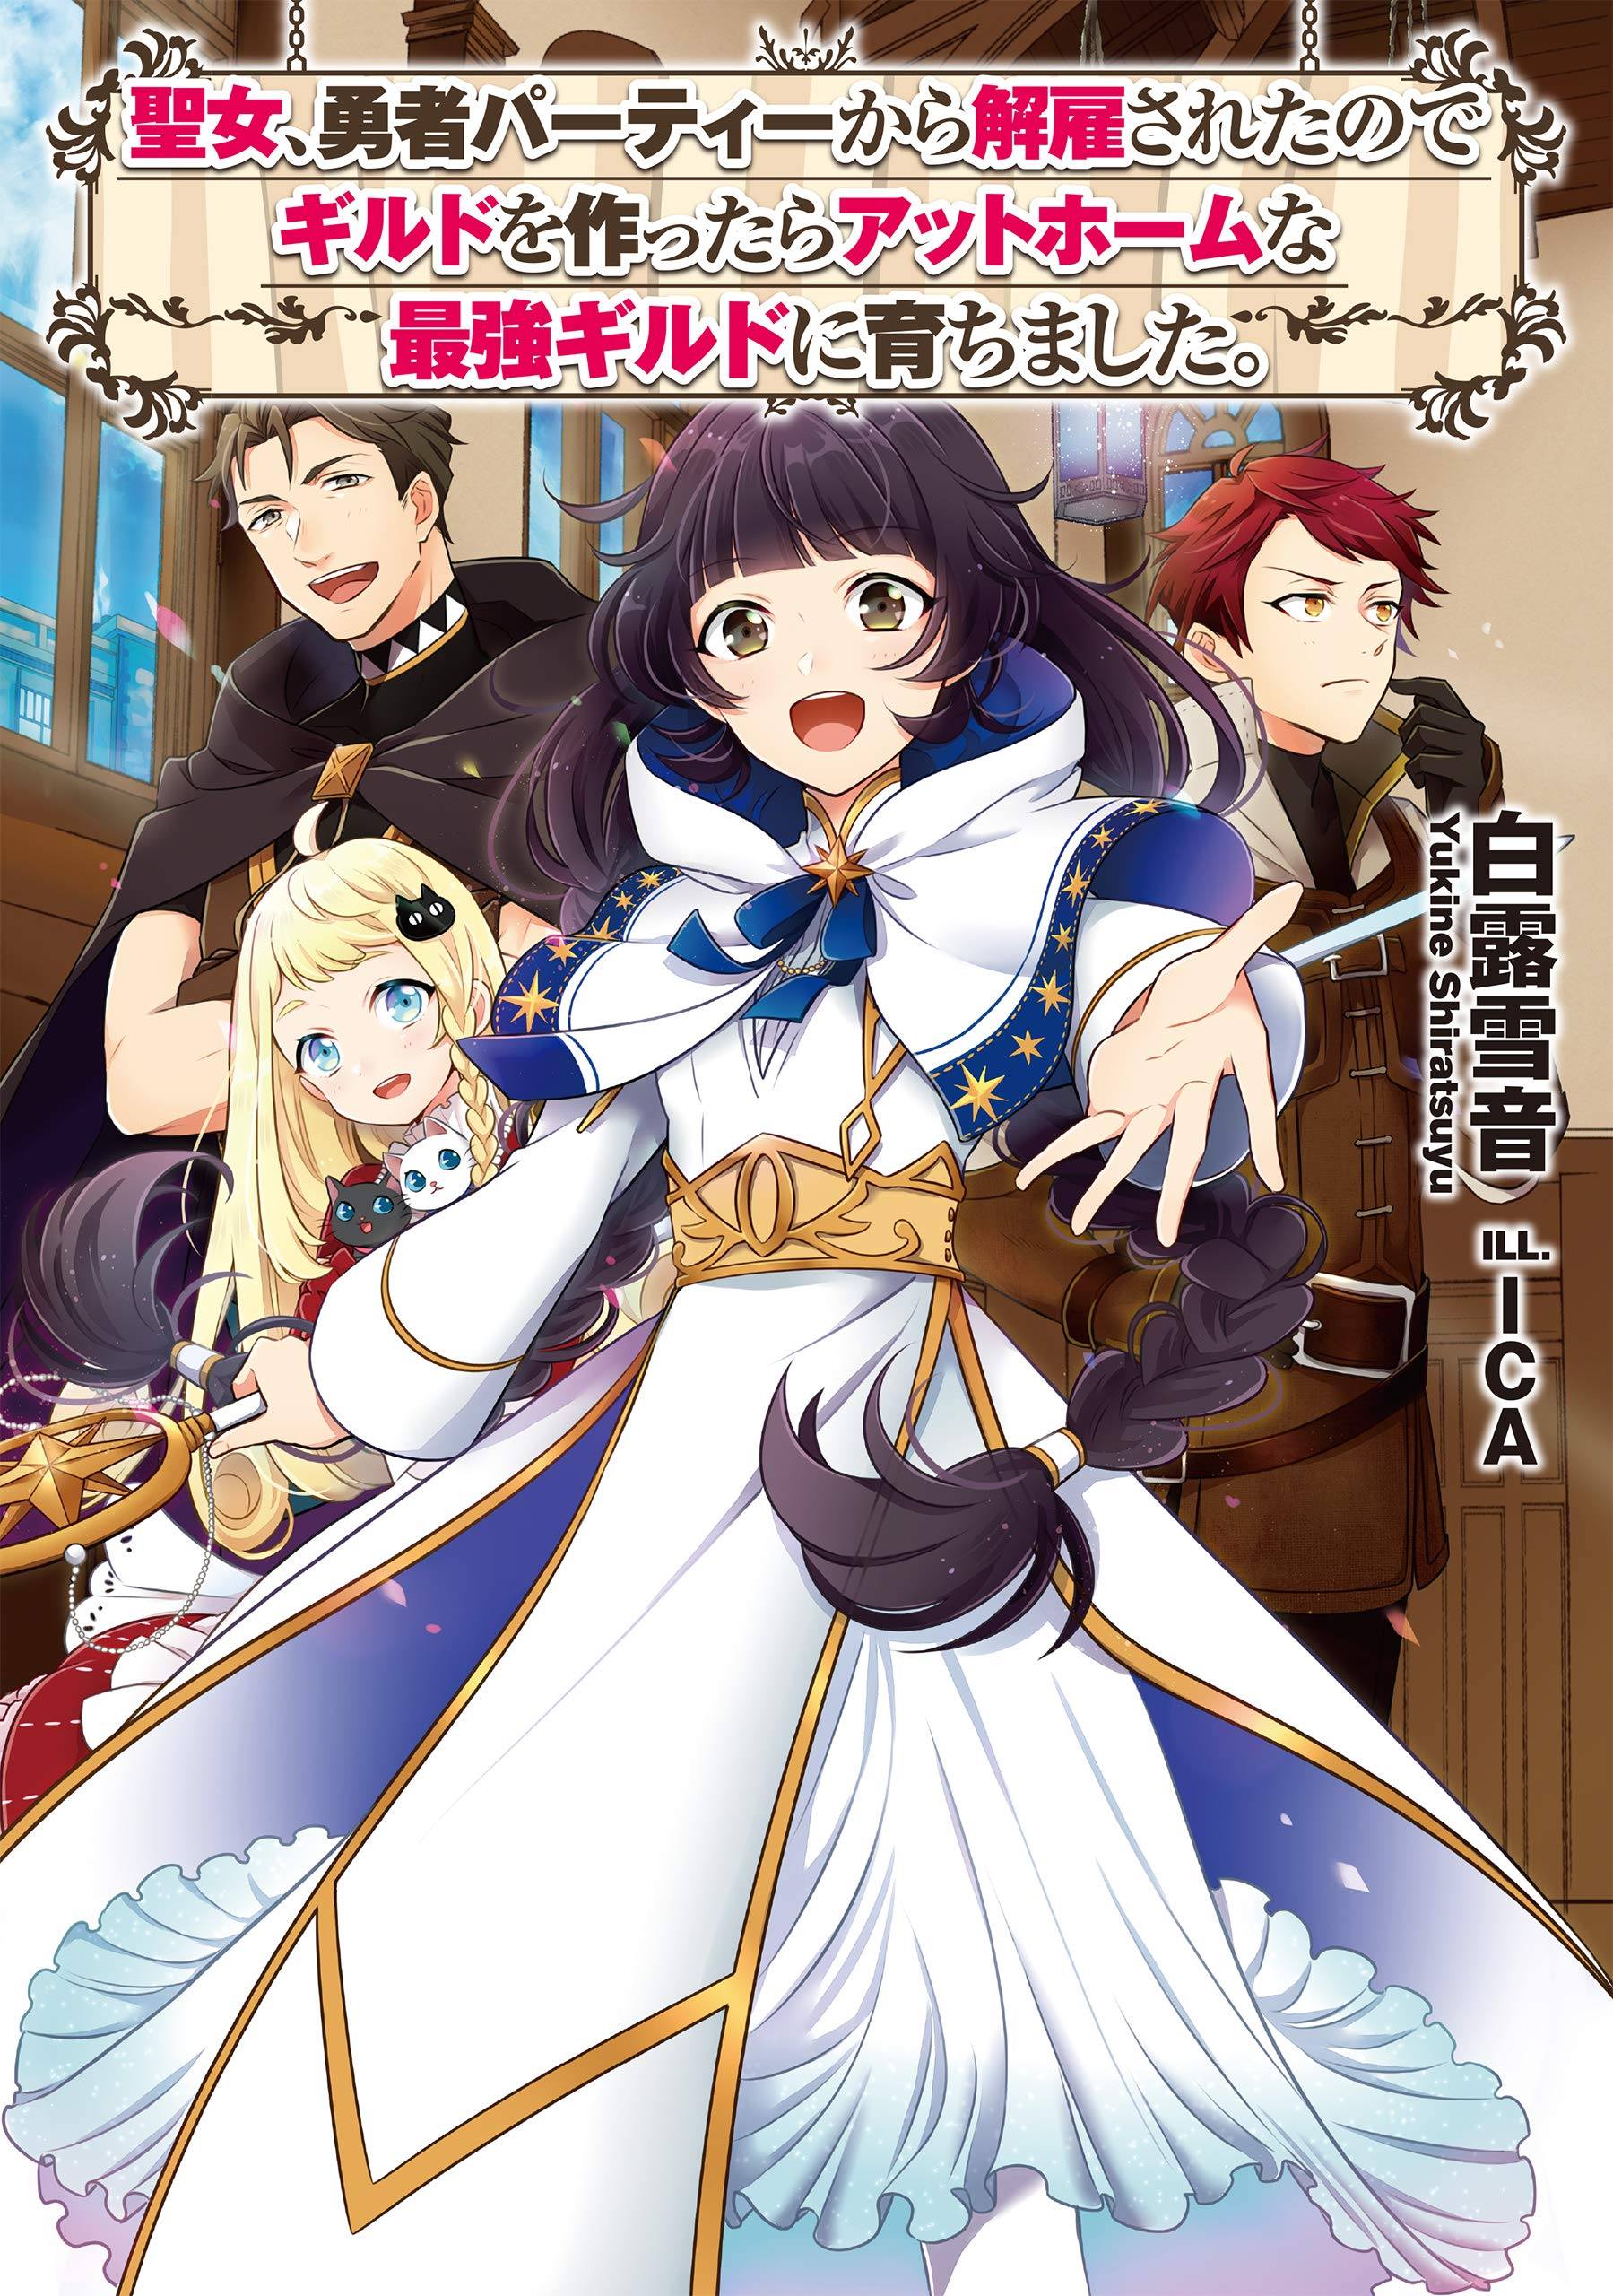 Seijo, Yuusha Party Kara Kaiko Sareta No De Guild Wo Tsukuttara At Home Saikyou Guild Ni Sodachimashita